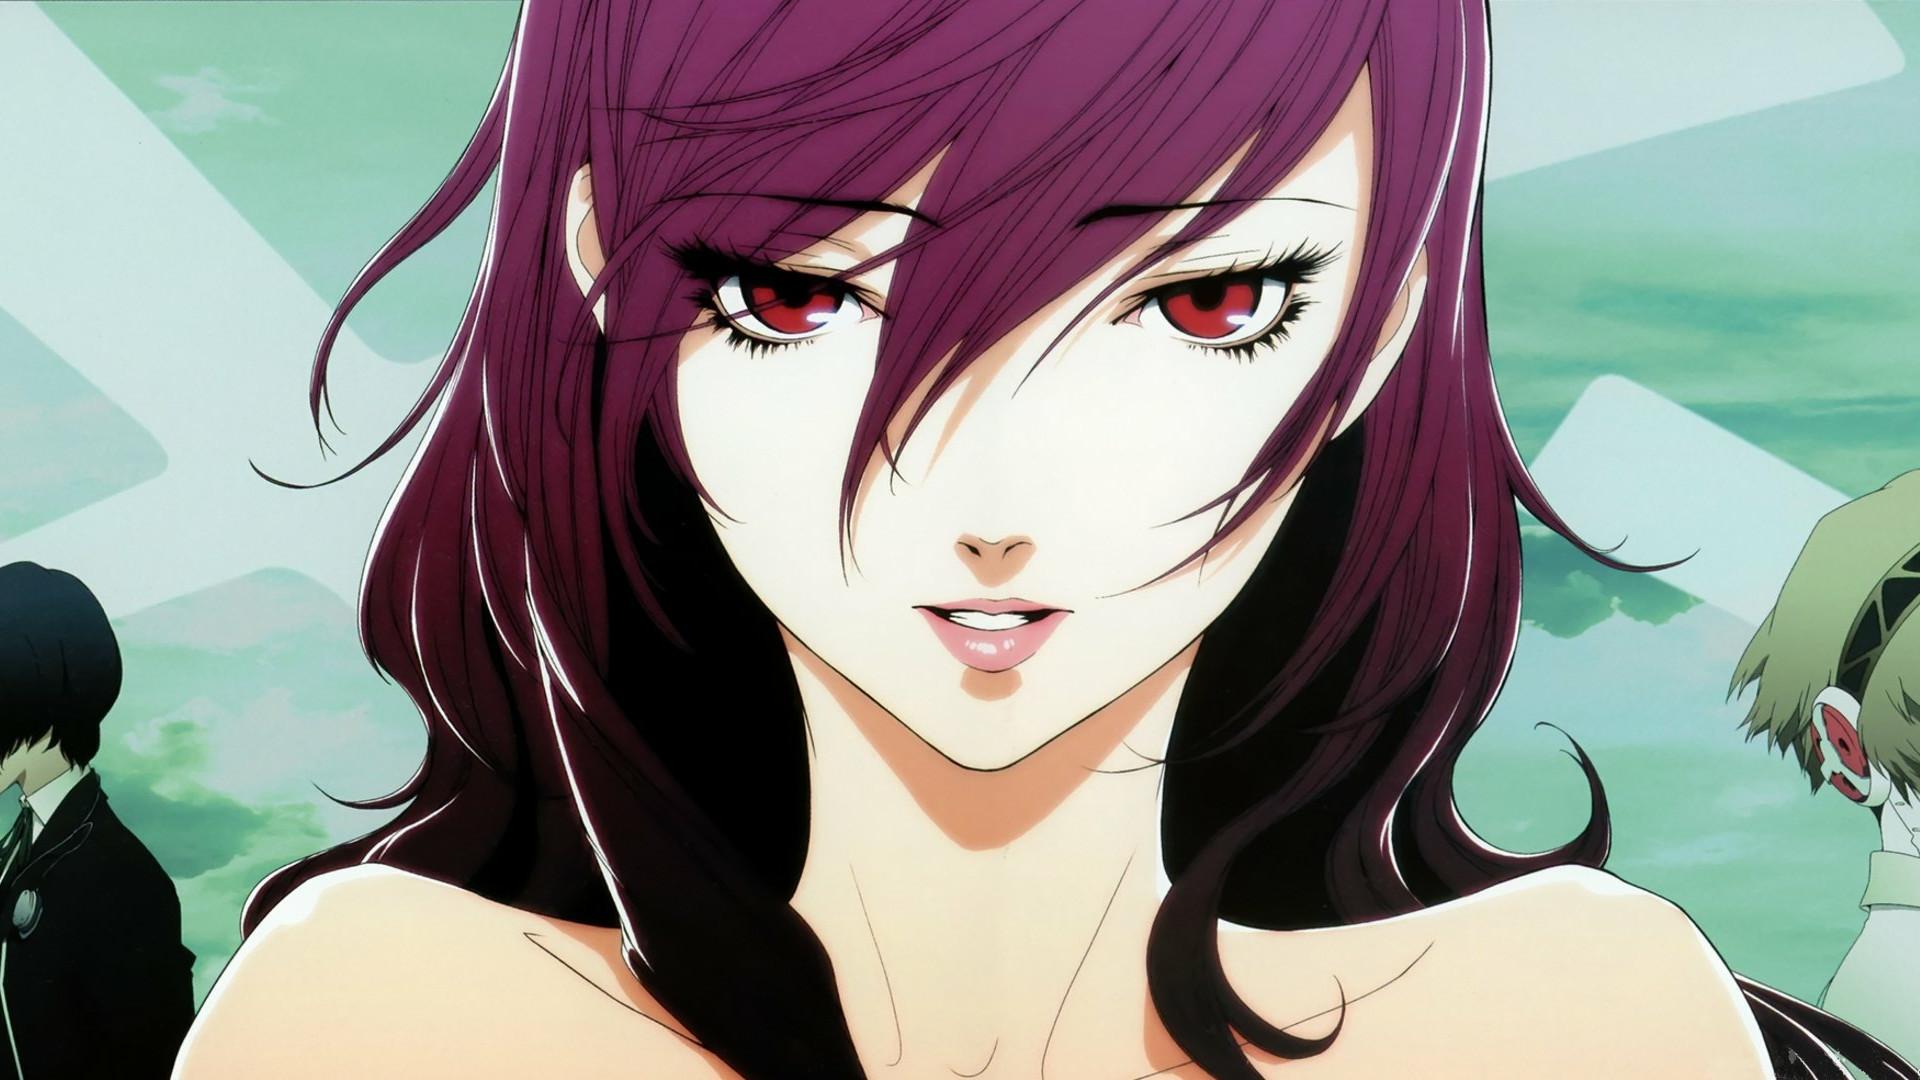 Anime Girls Kirijo Mitsuru Persona 3 Series Red Eyes